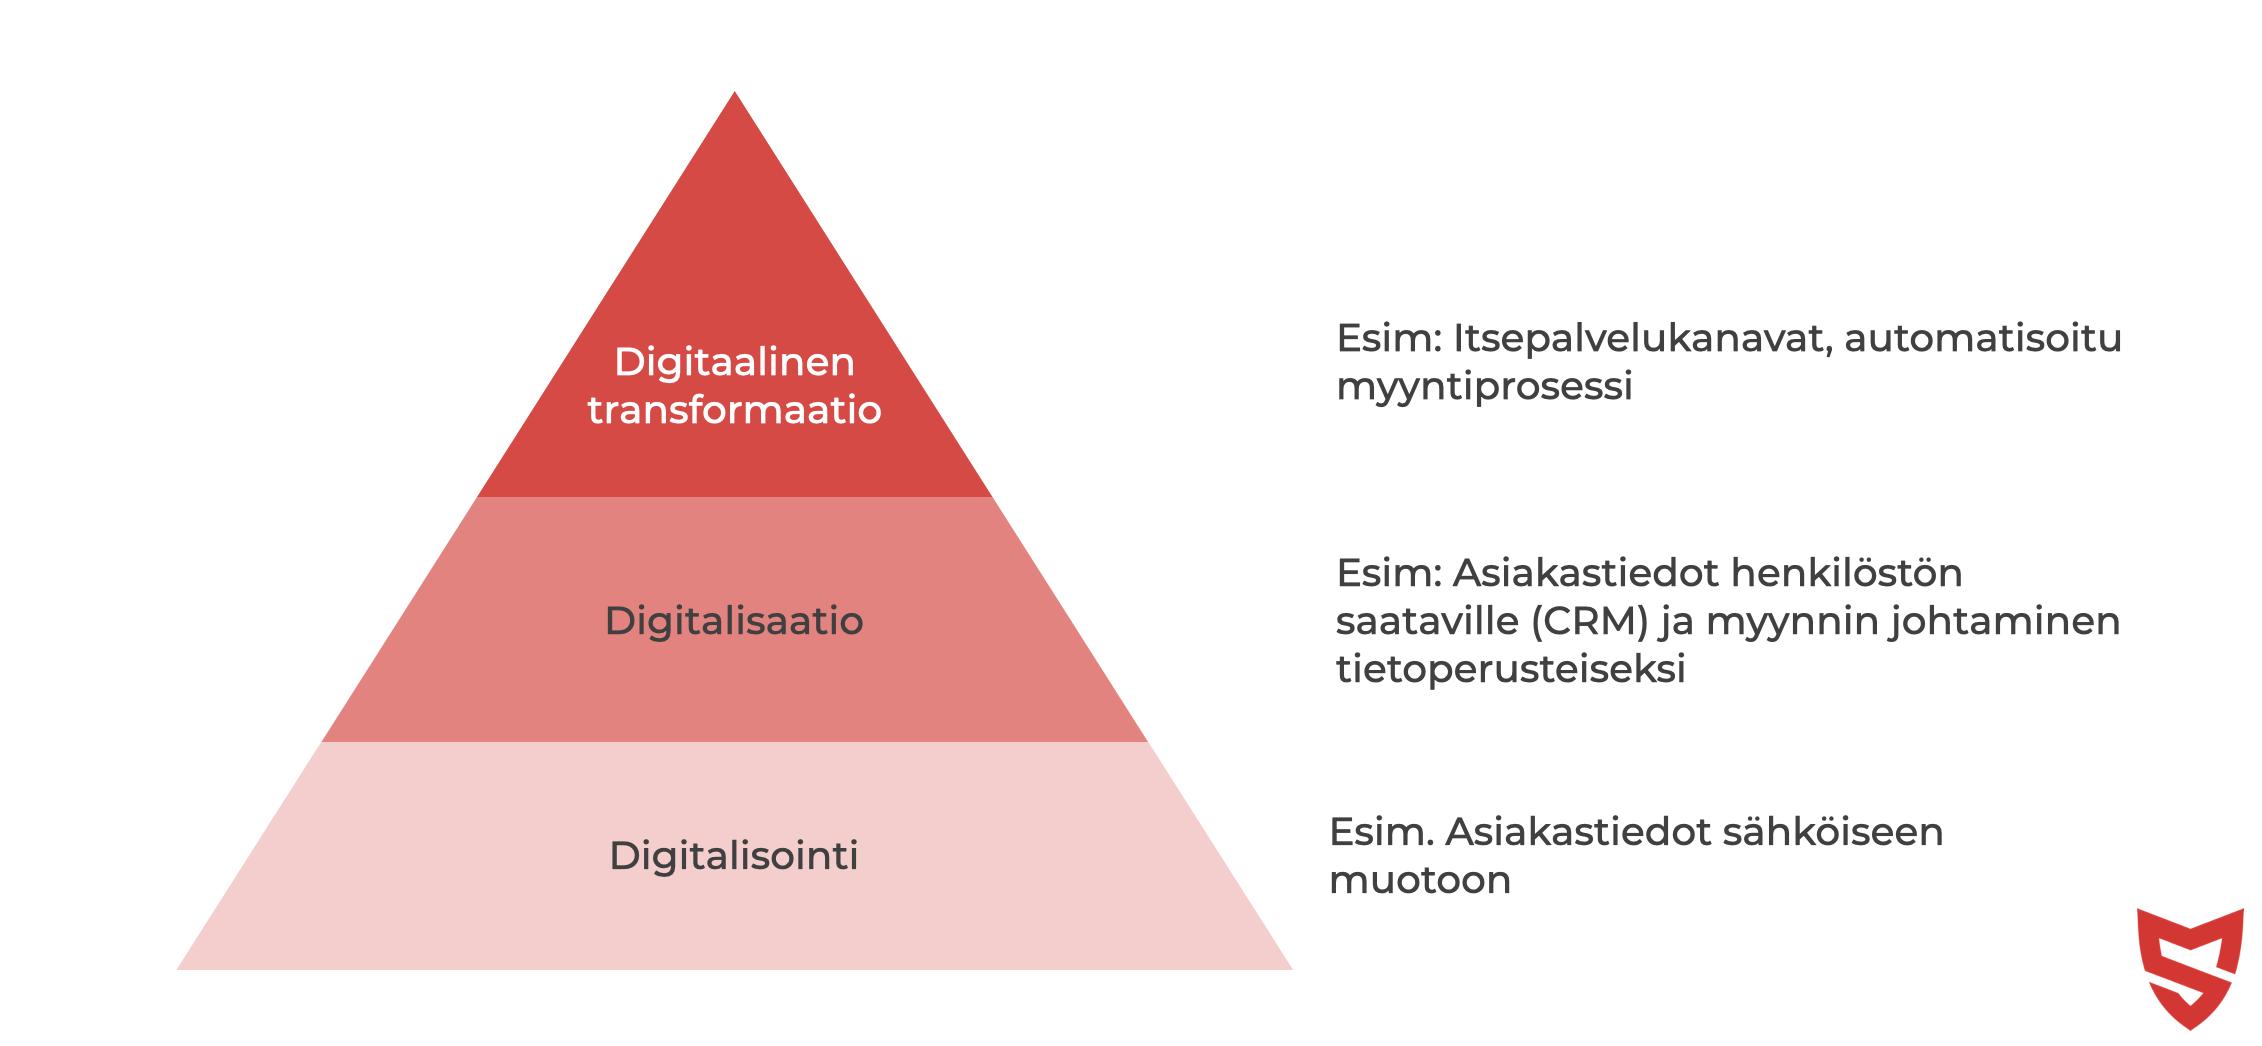 b2b myynnin digitaalinen transformaatio